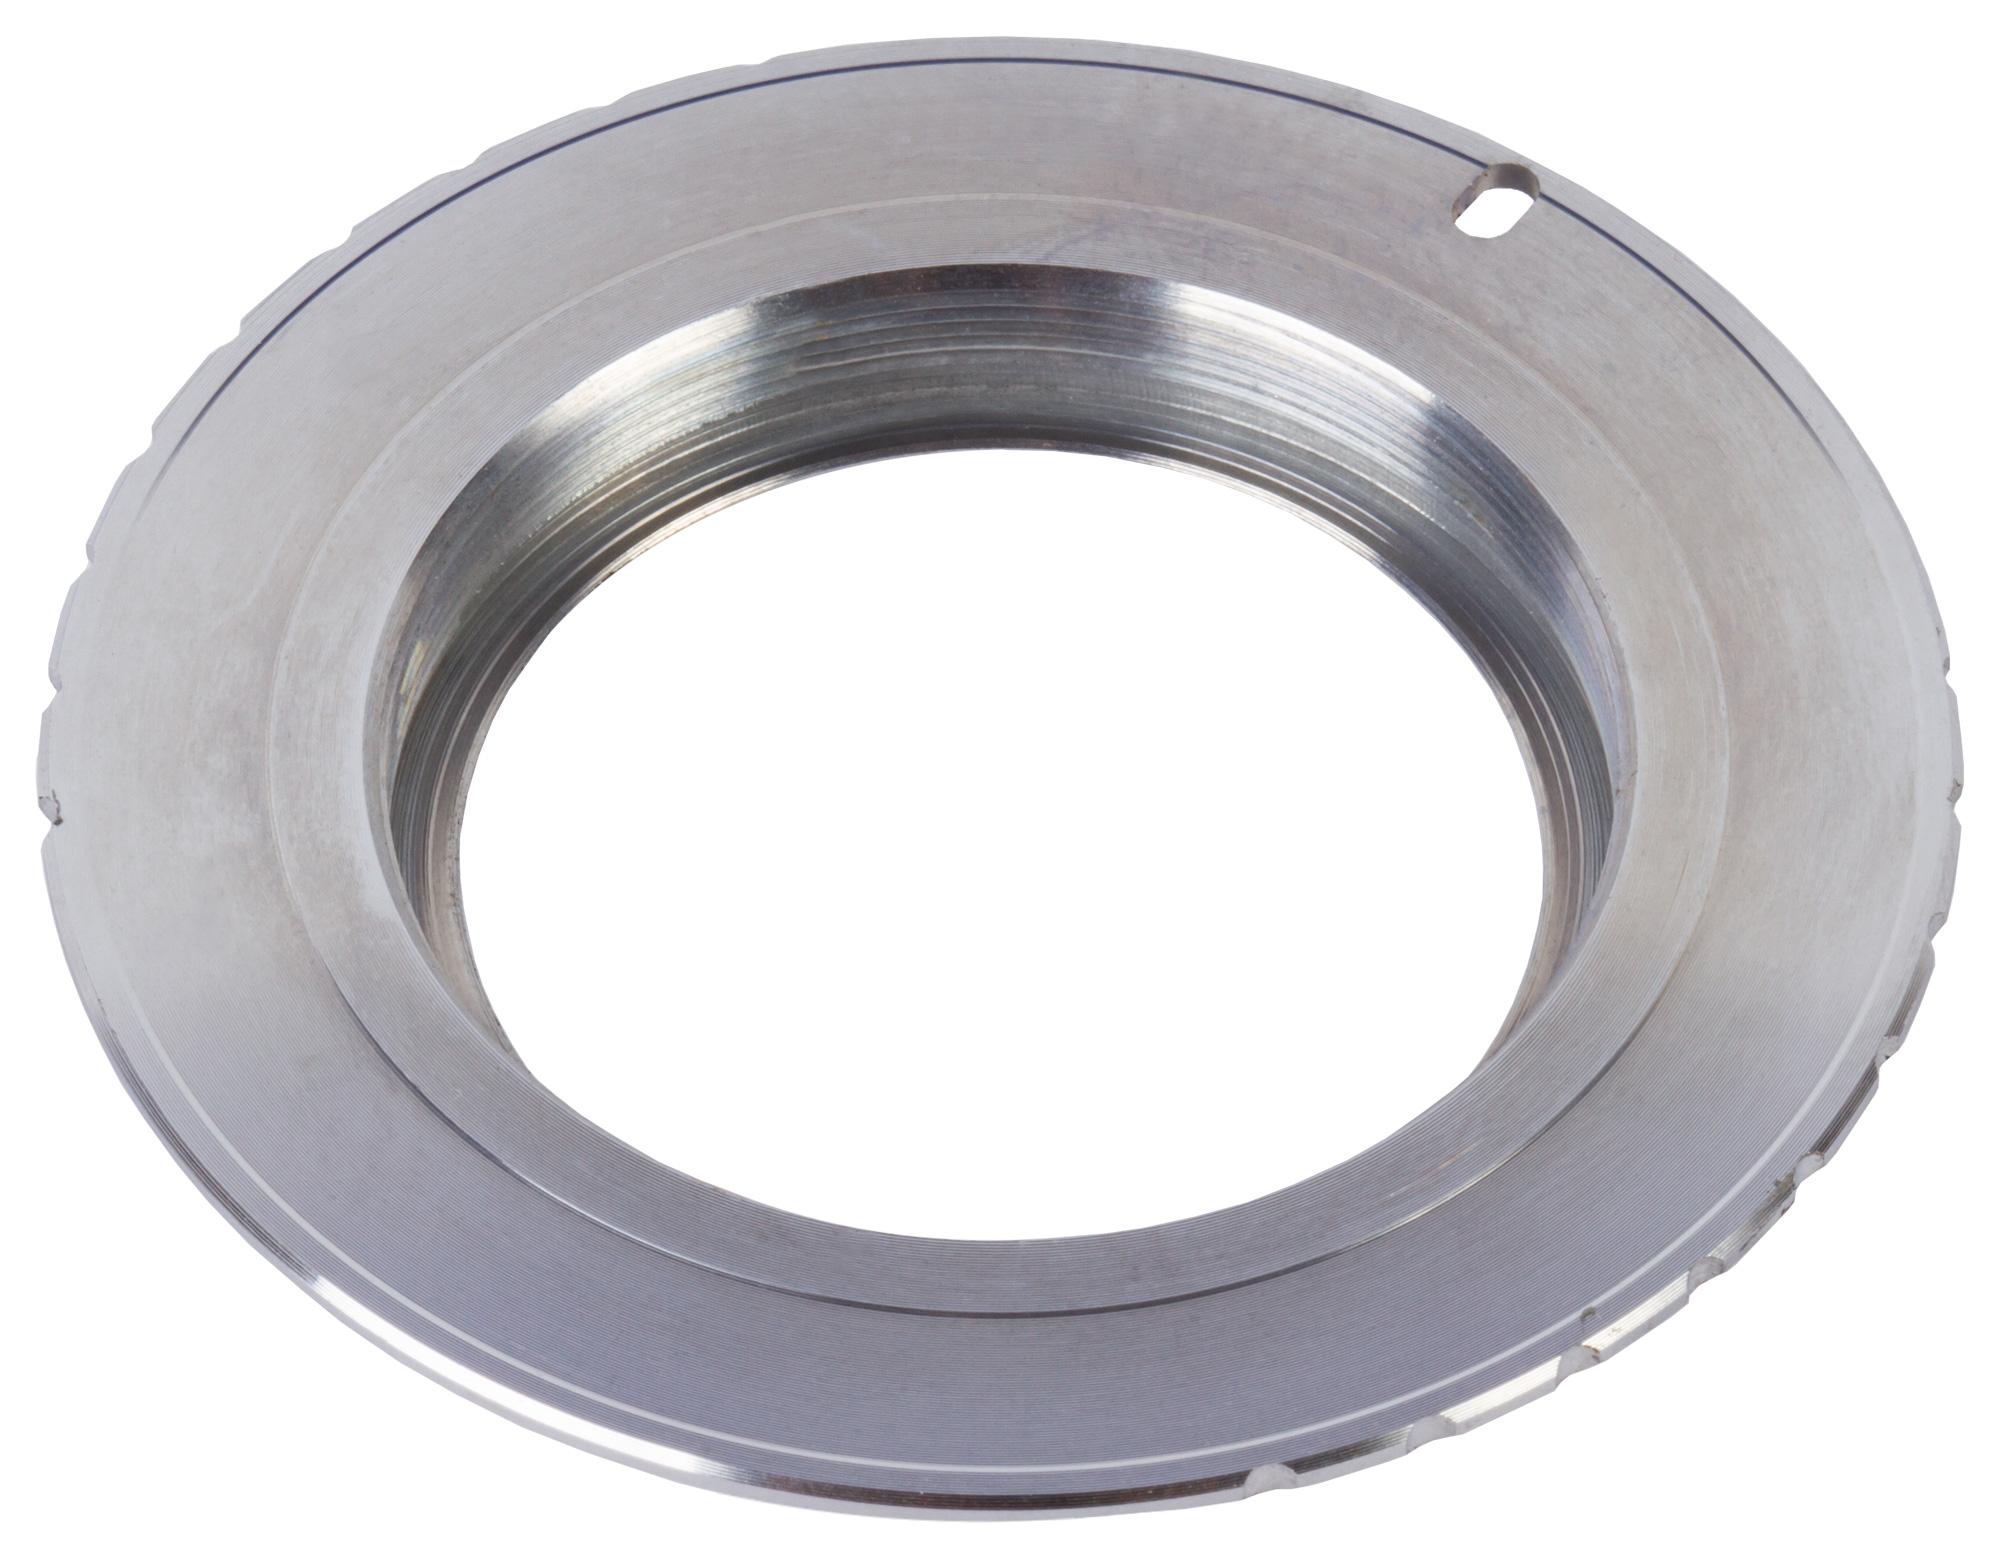 Картинка для T2-кольцо Explore Scientific для Canon M42, ультратонкое